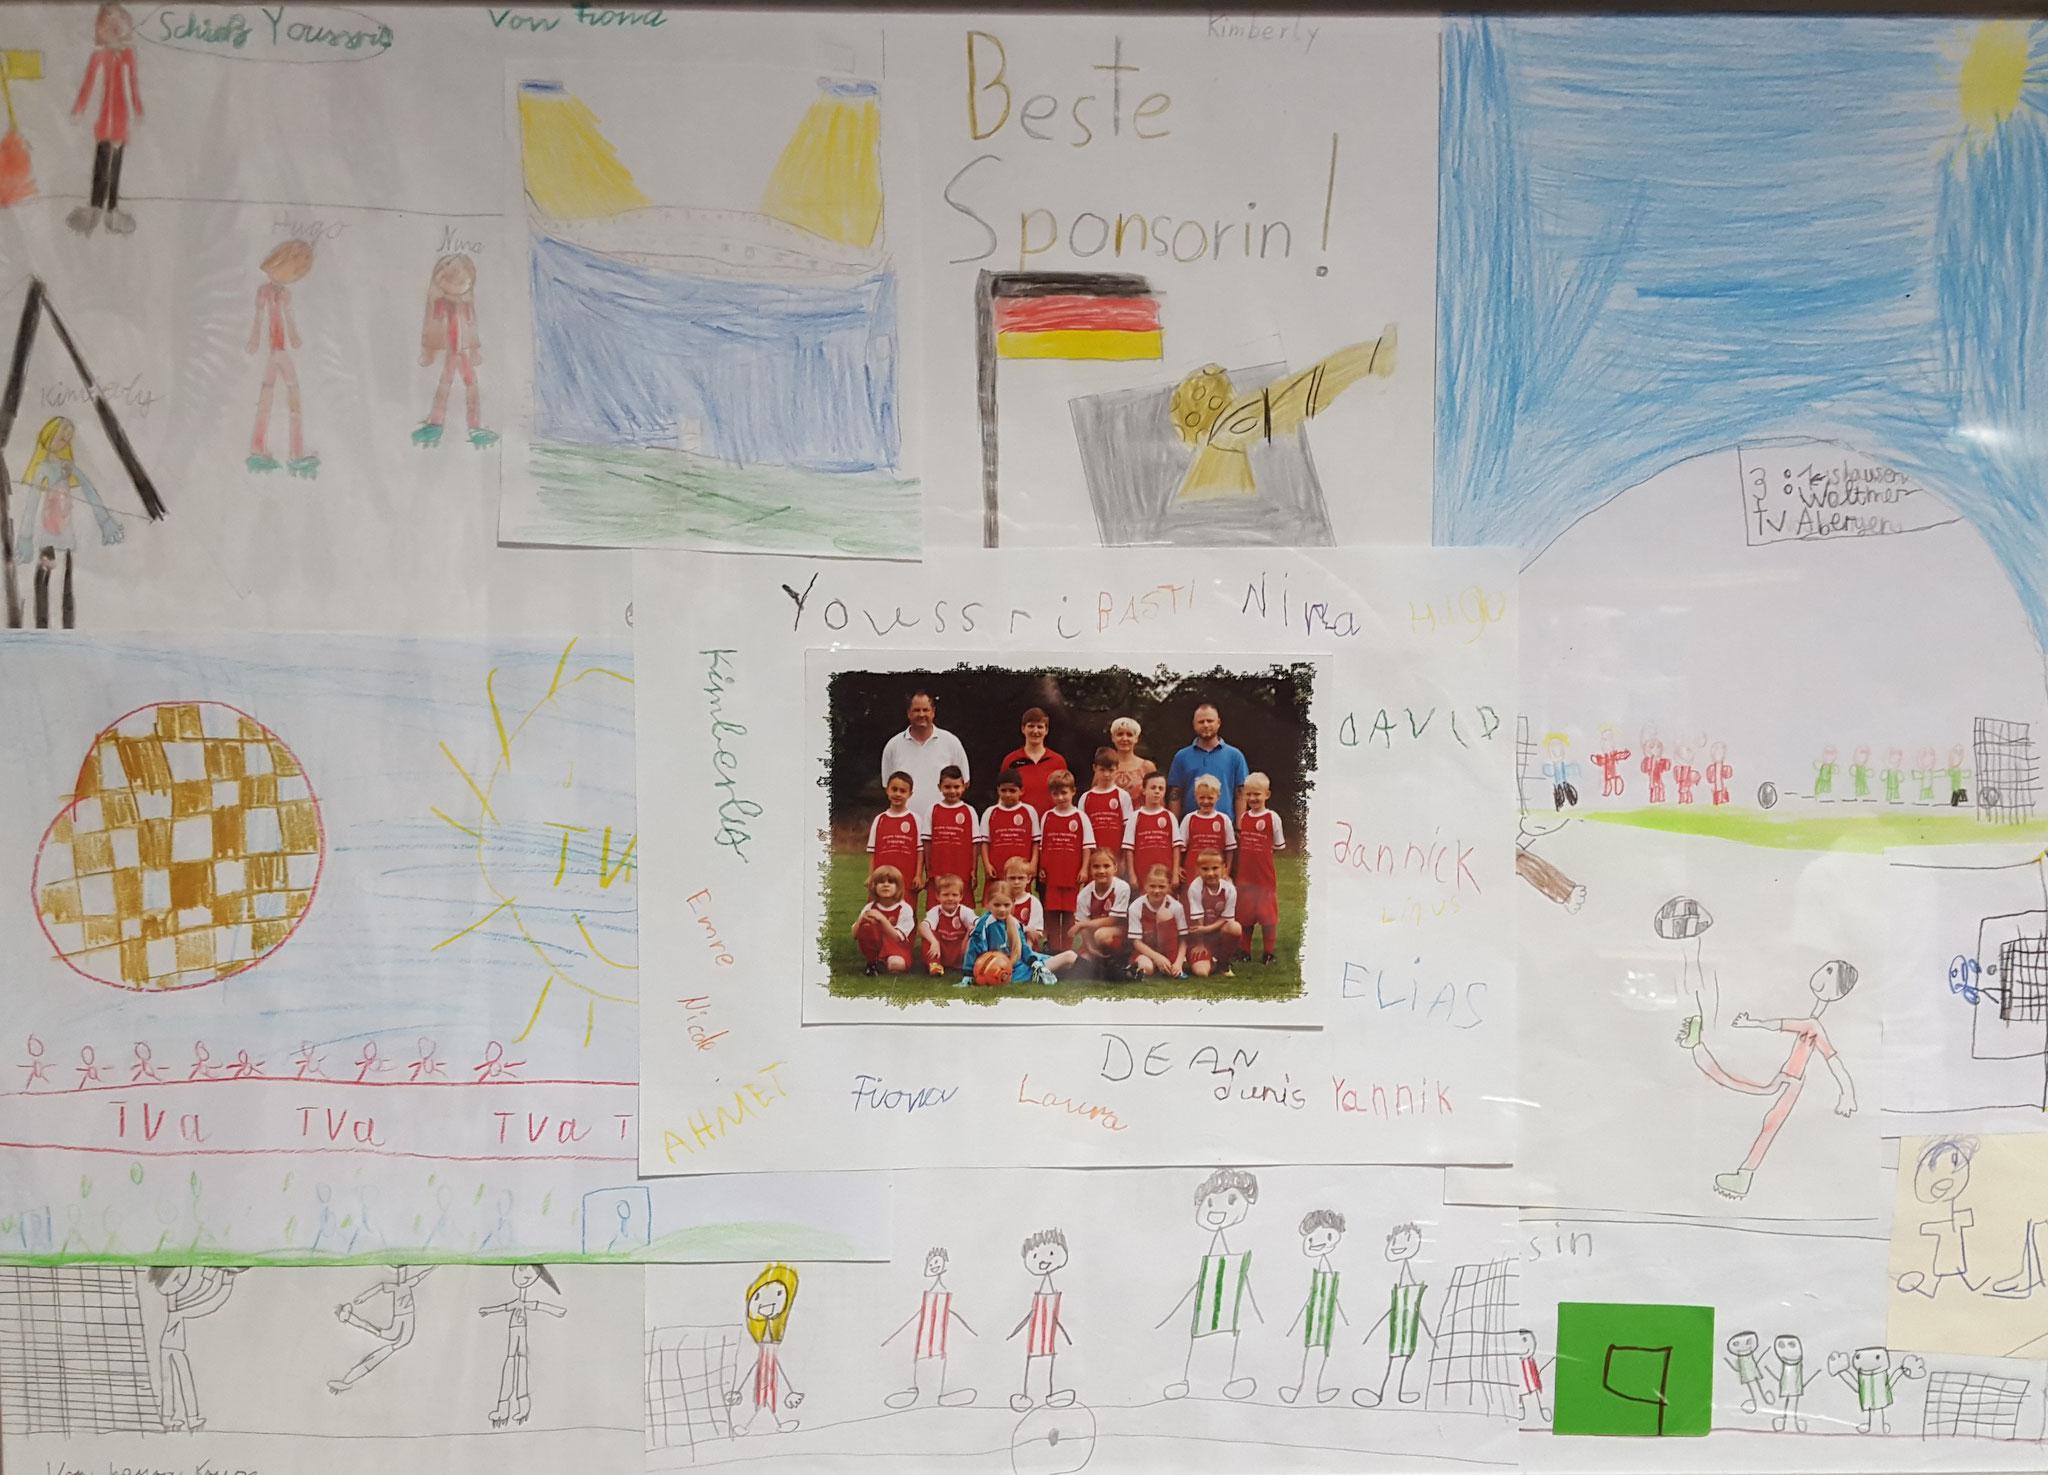 ...das liebevoll gestaltete Dankeschön der jungen Fußballer